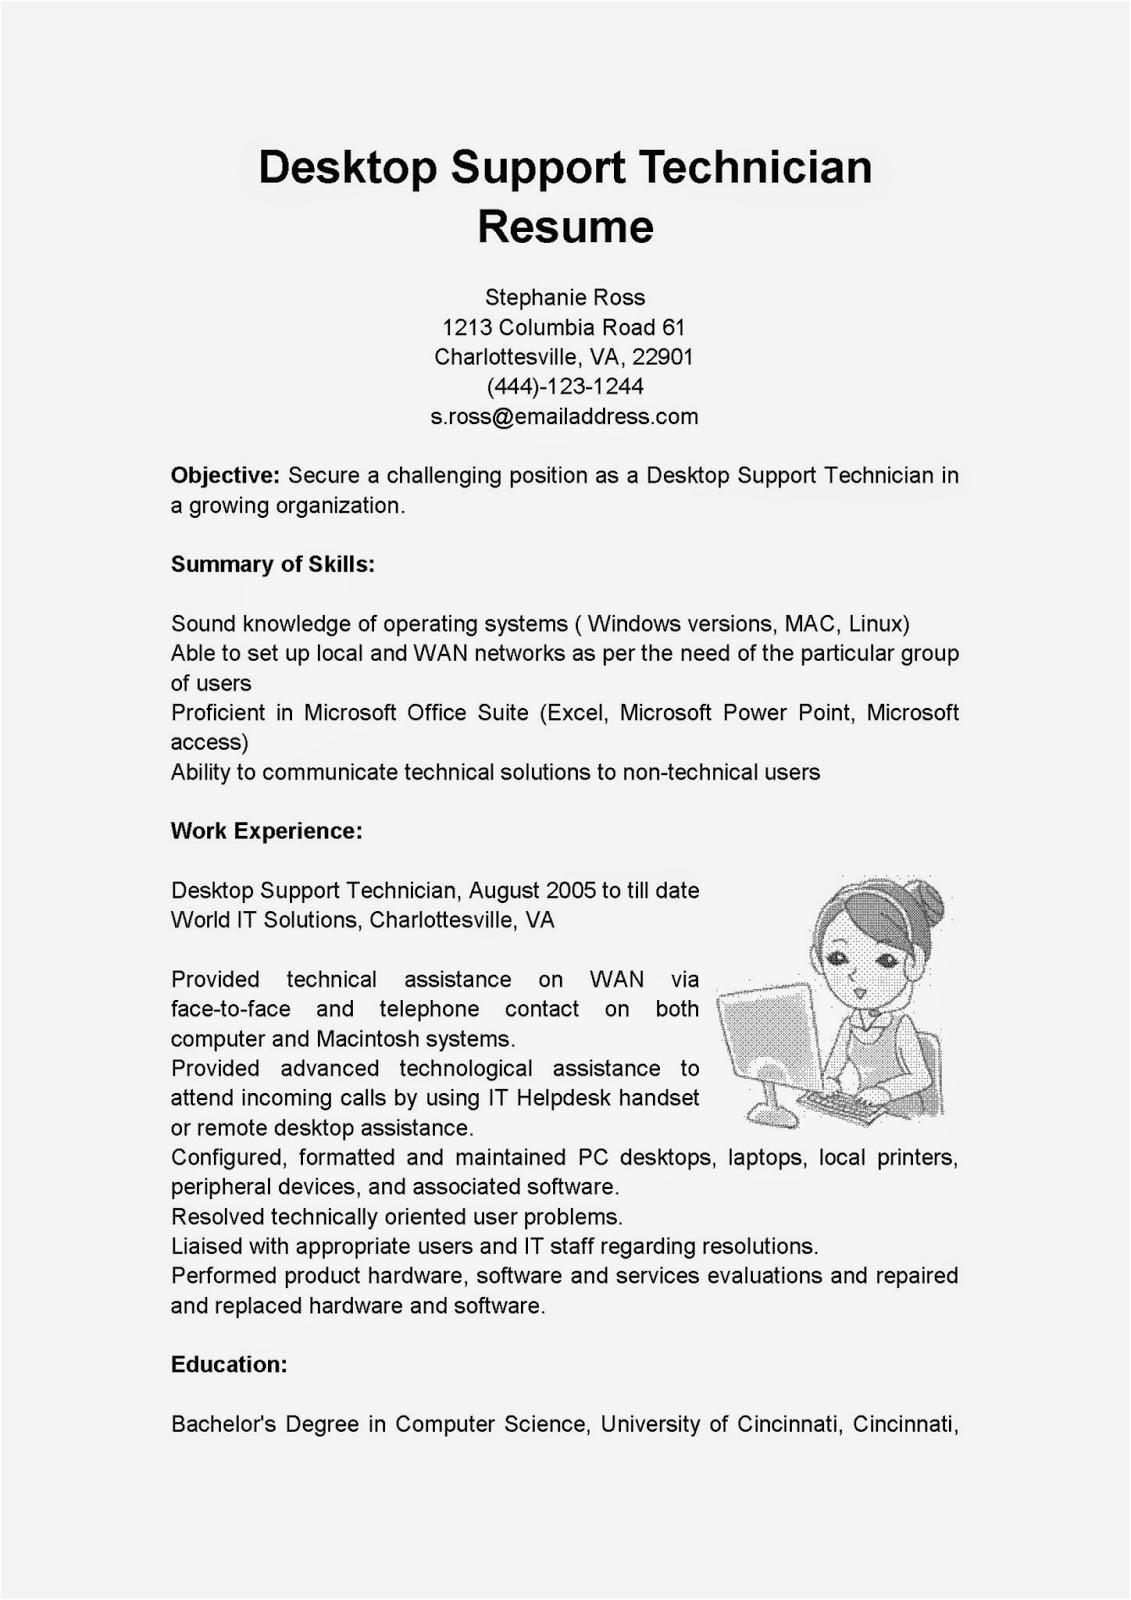 Best Desktop Support Technician Resume Sample Resume Samples Desktop Support Technician Resume Sample